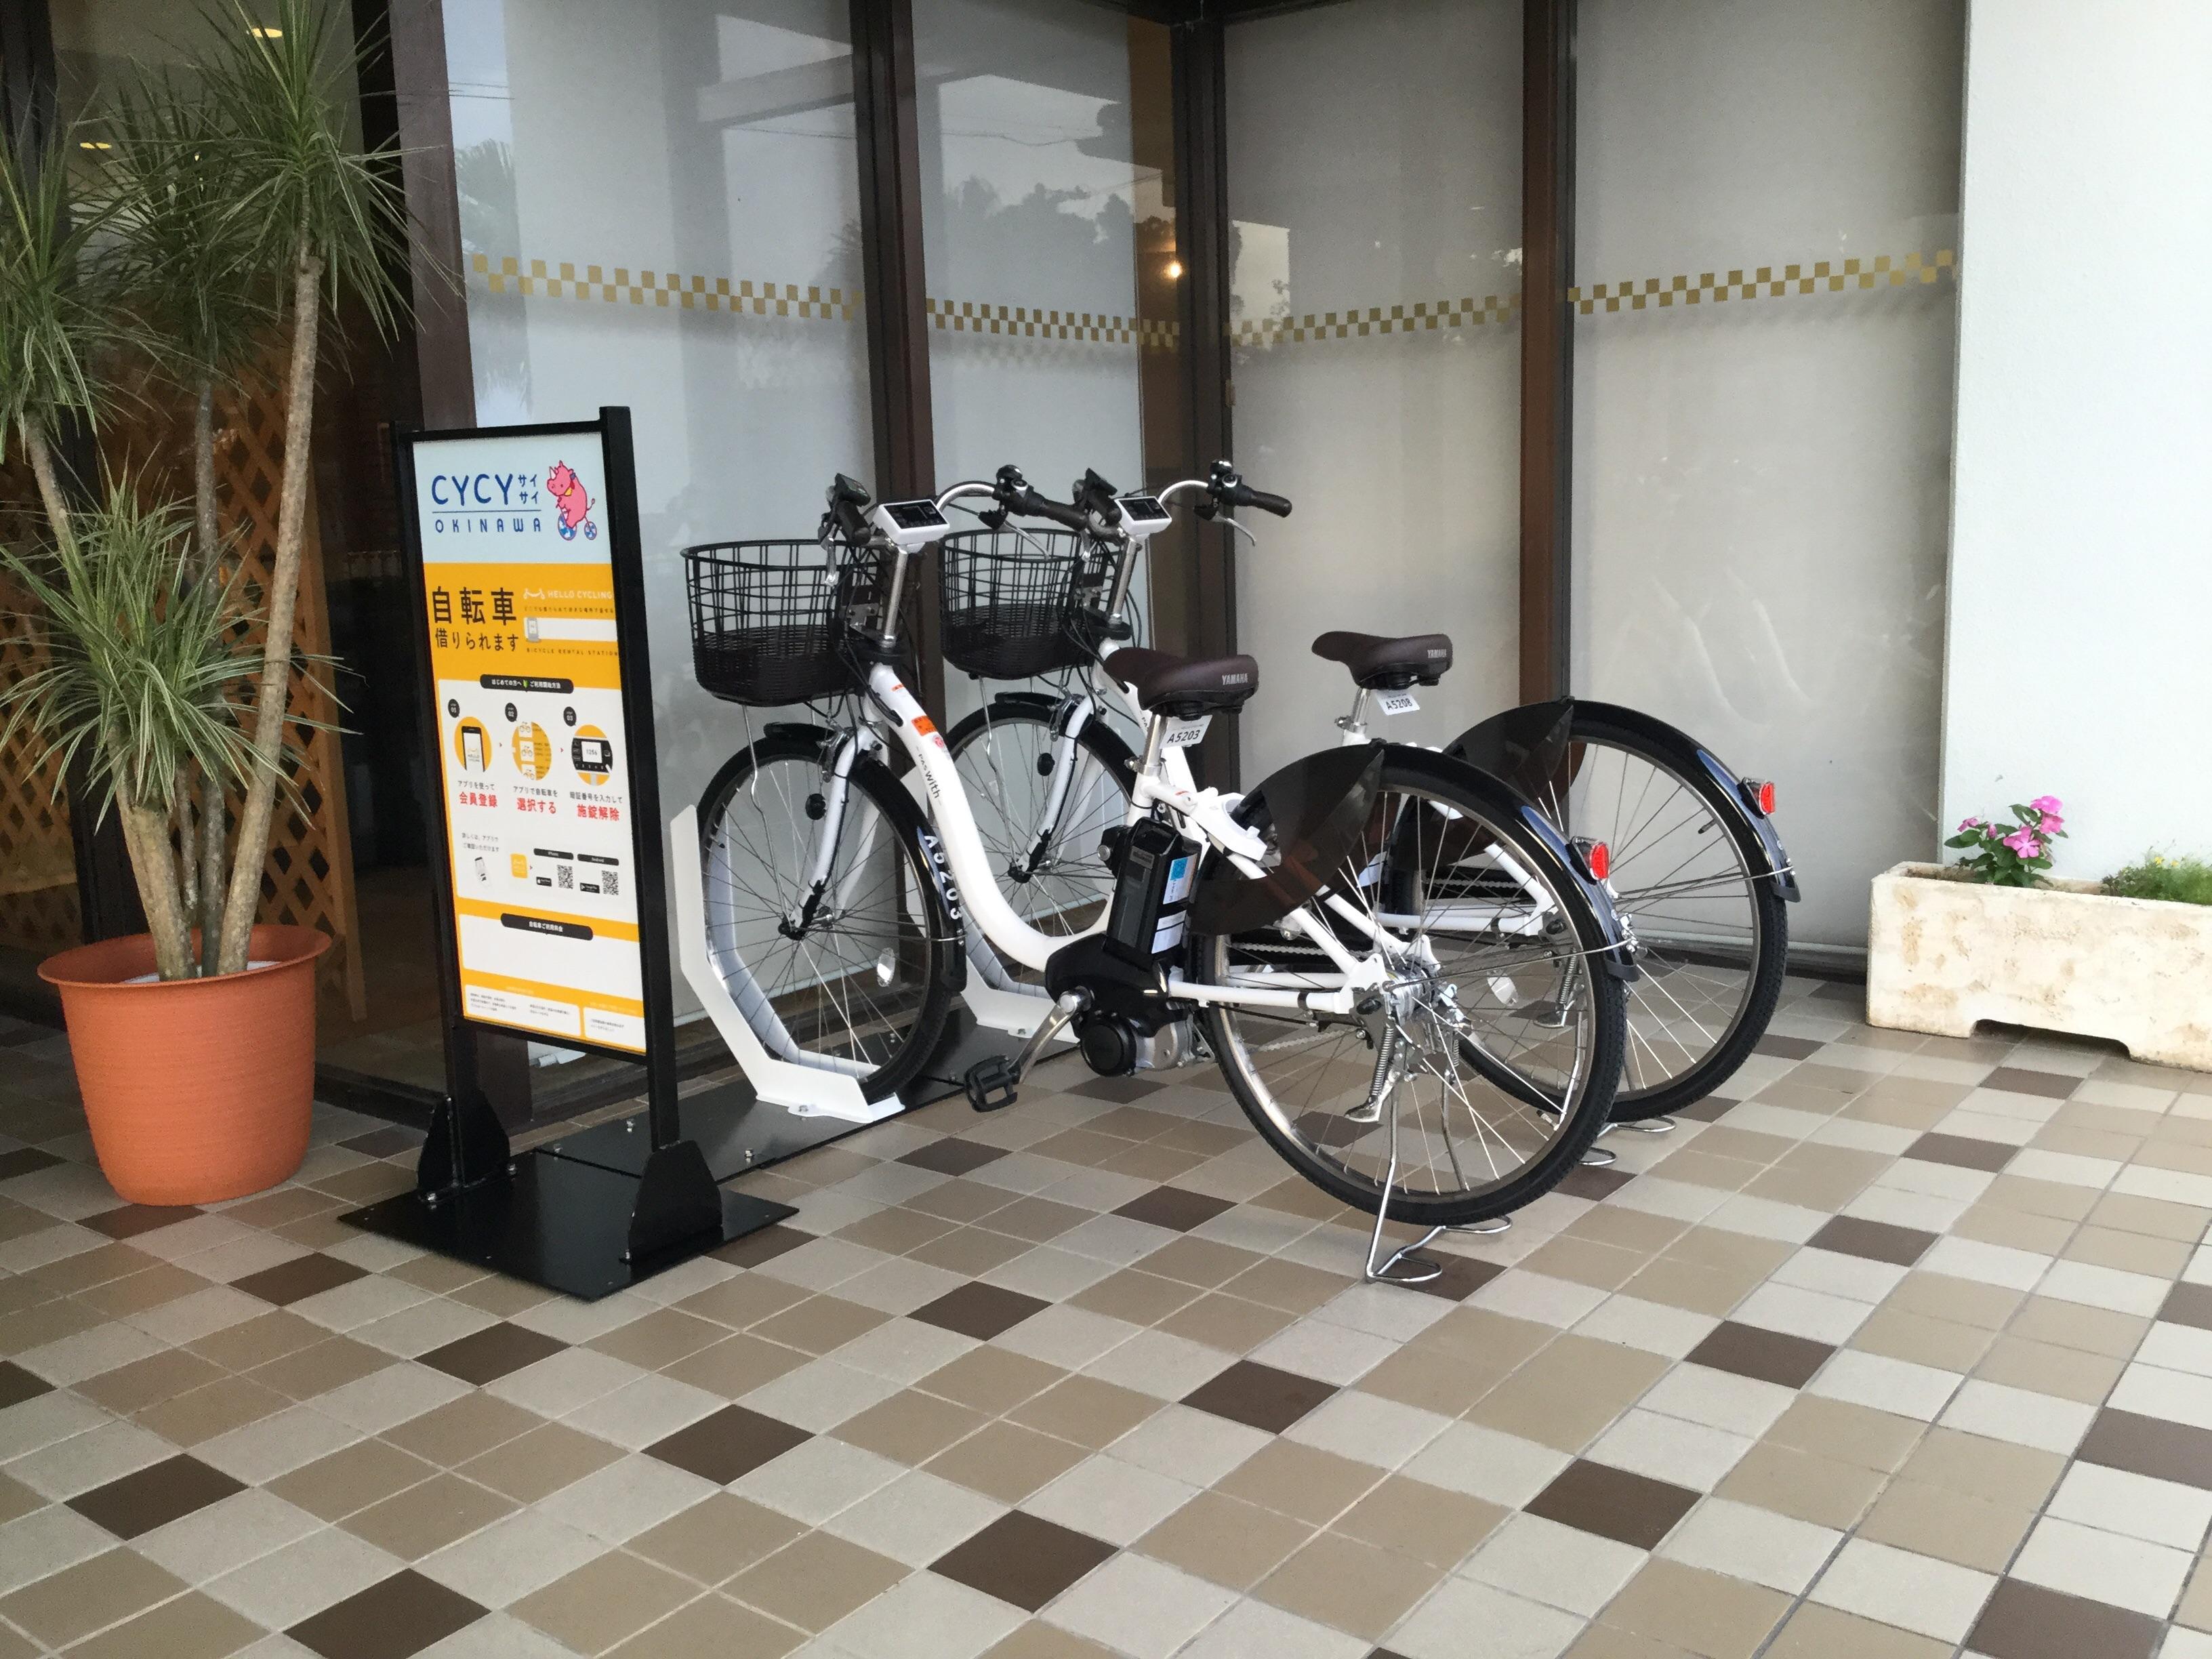 ホテルゆがふいんおきなわ (HELLO CYCLING ポート) image